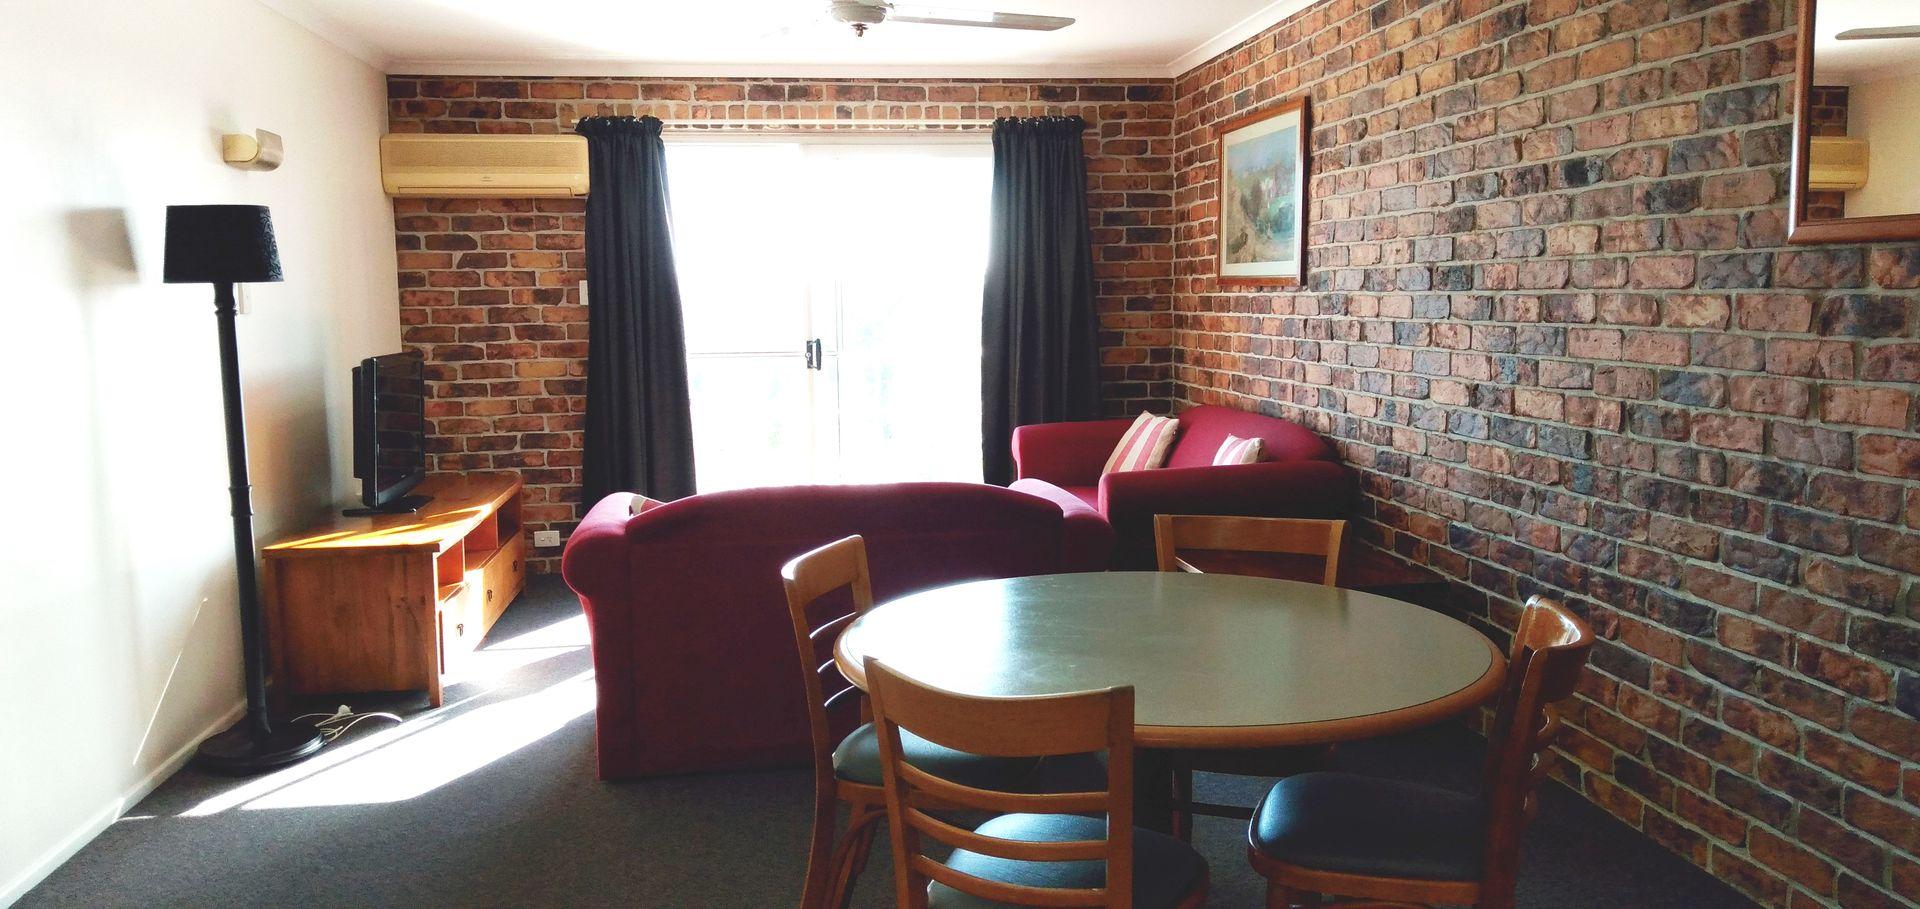 37/9 Ascog Terrace, Toowong QLD 4066, Image 2